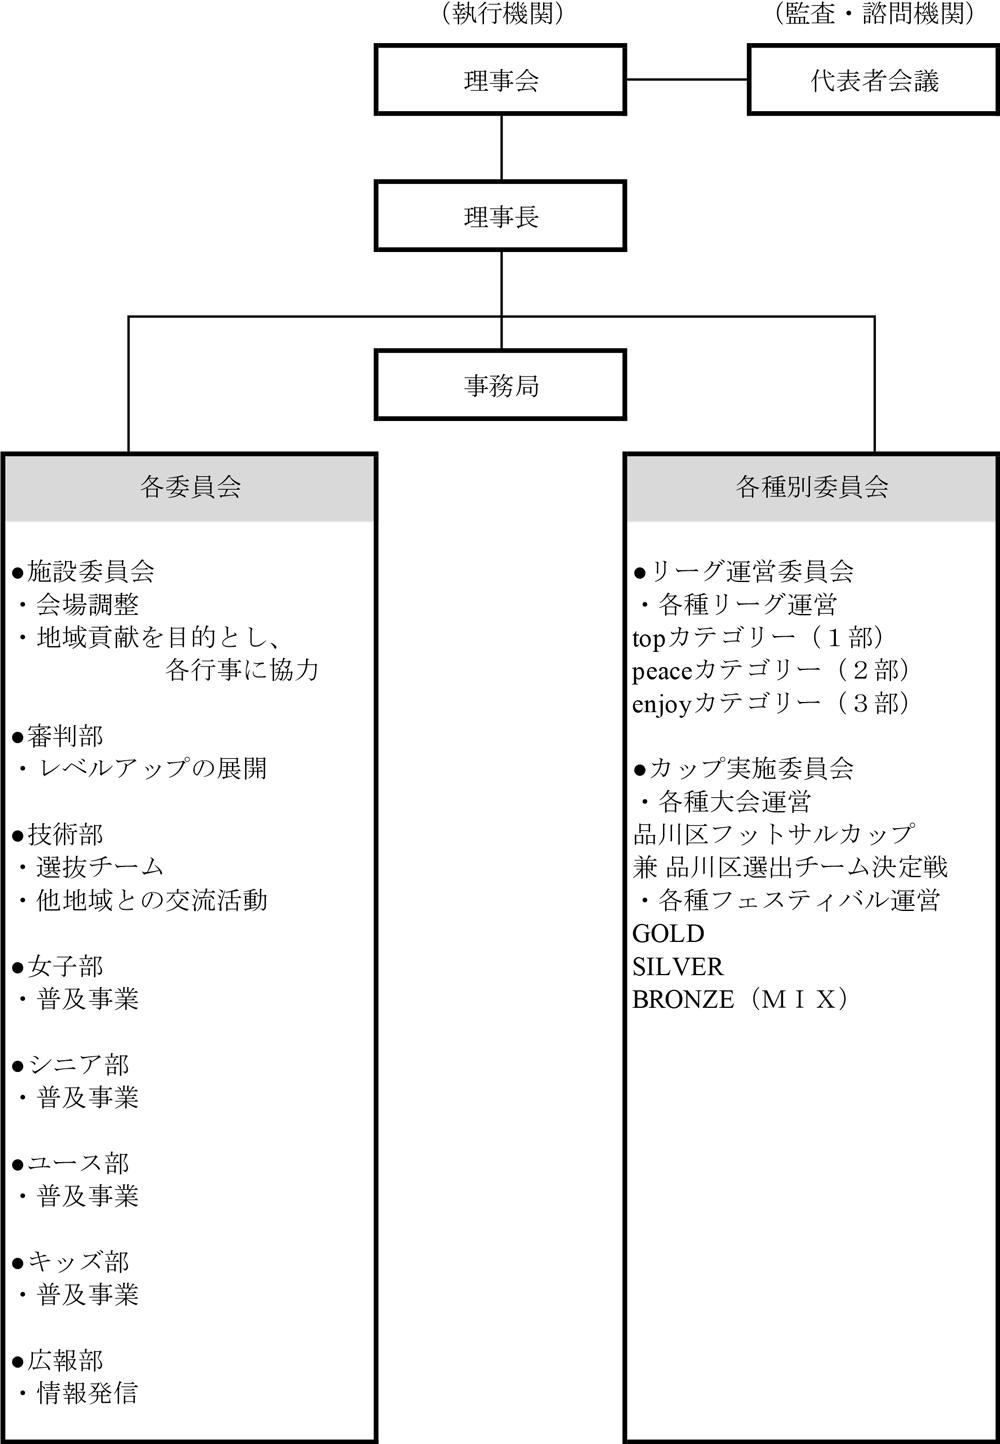 品川区フットサル連盟 組織図